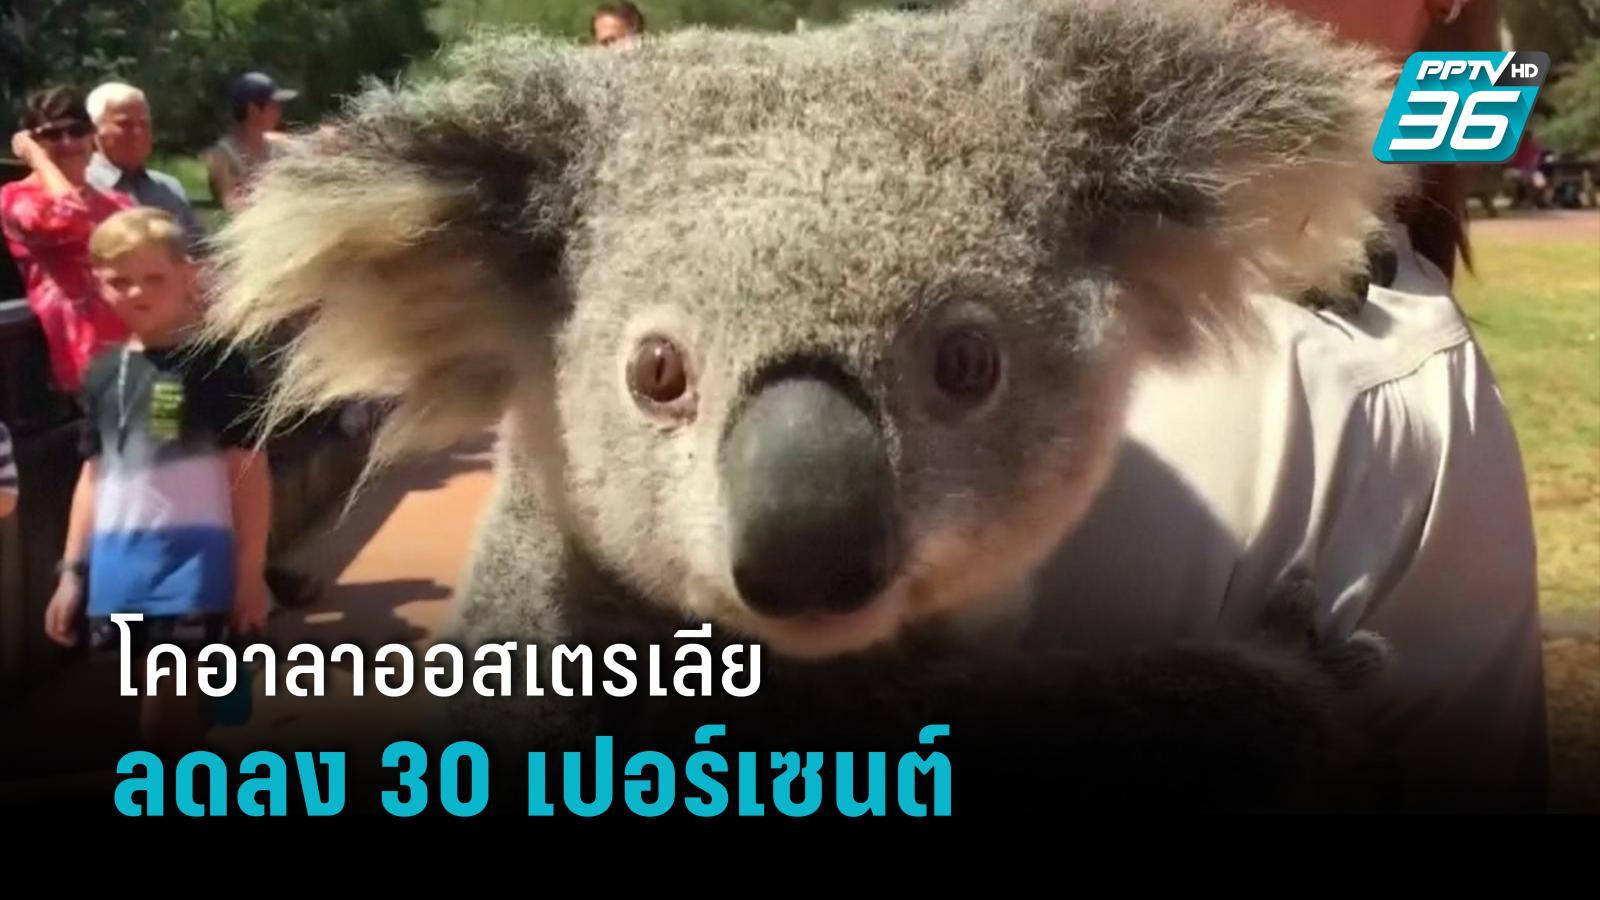 โคอาลาออสเตรเลียลดลง 30 เปอร์เซนต์